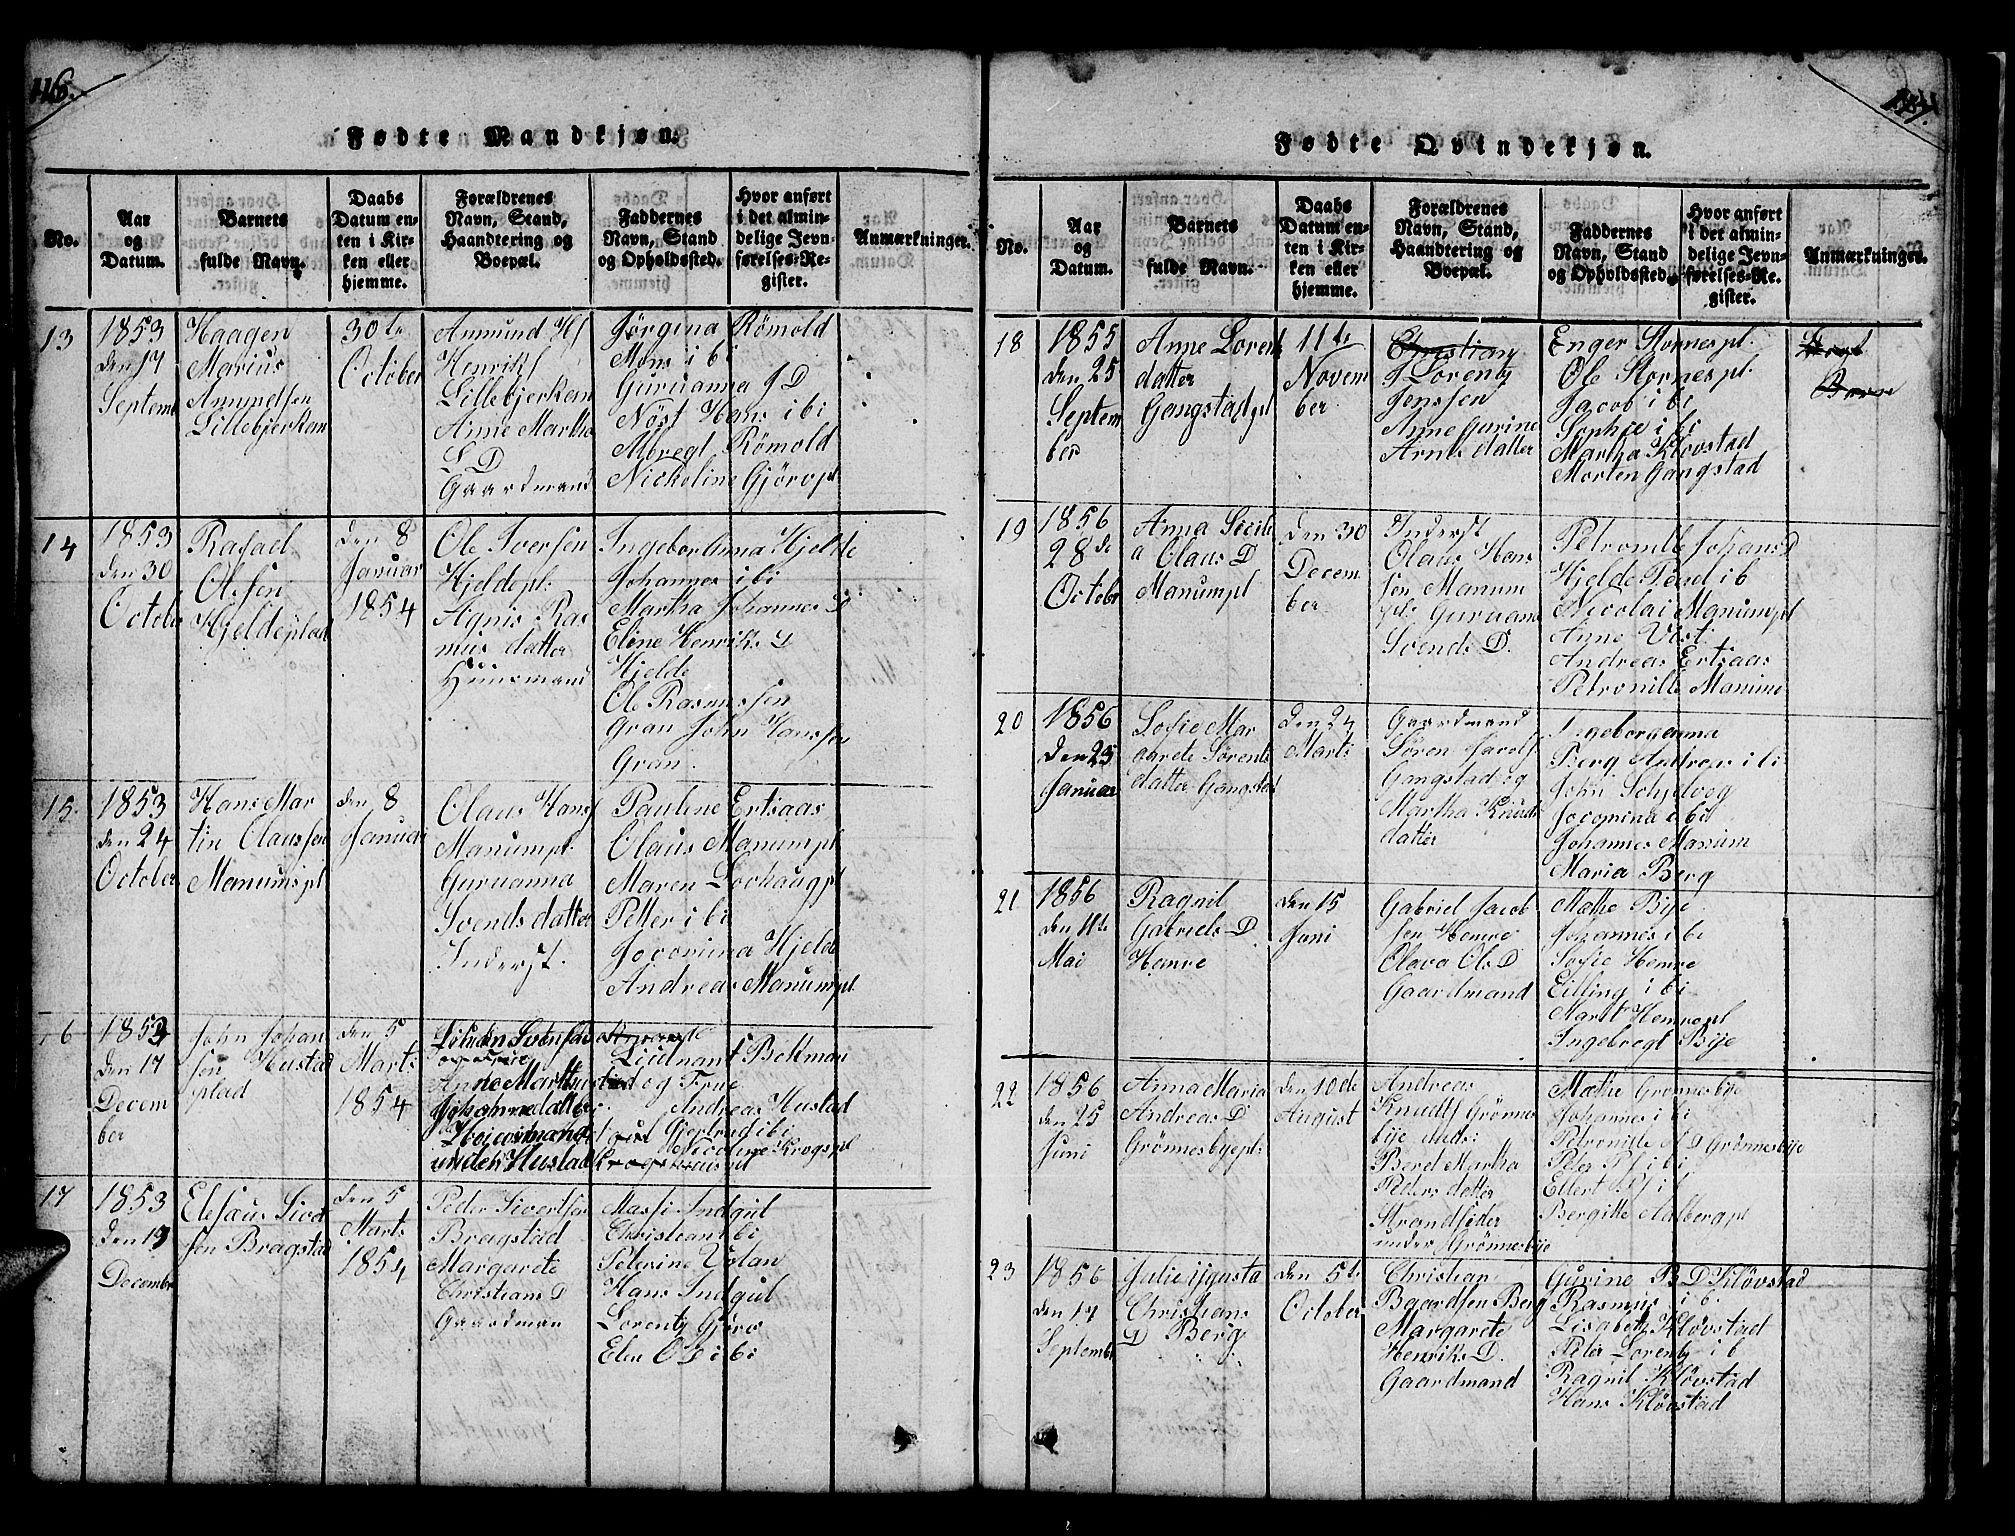 SAT, Ministerialprotokoller, klokkerbøker og fødselsregistre - Nord-Trøndelag, 732/L0317: Klokkerbok nr. 732C01, 1816-1881, s. 116-117